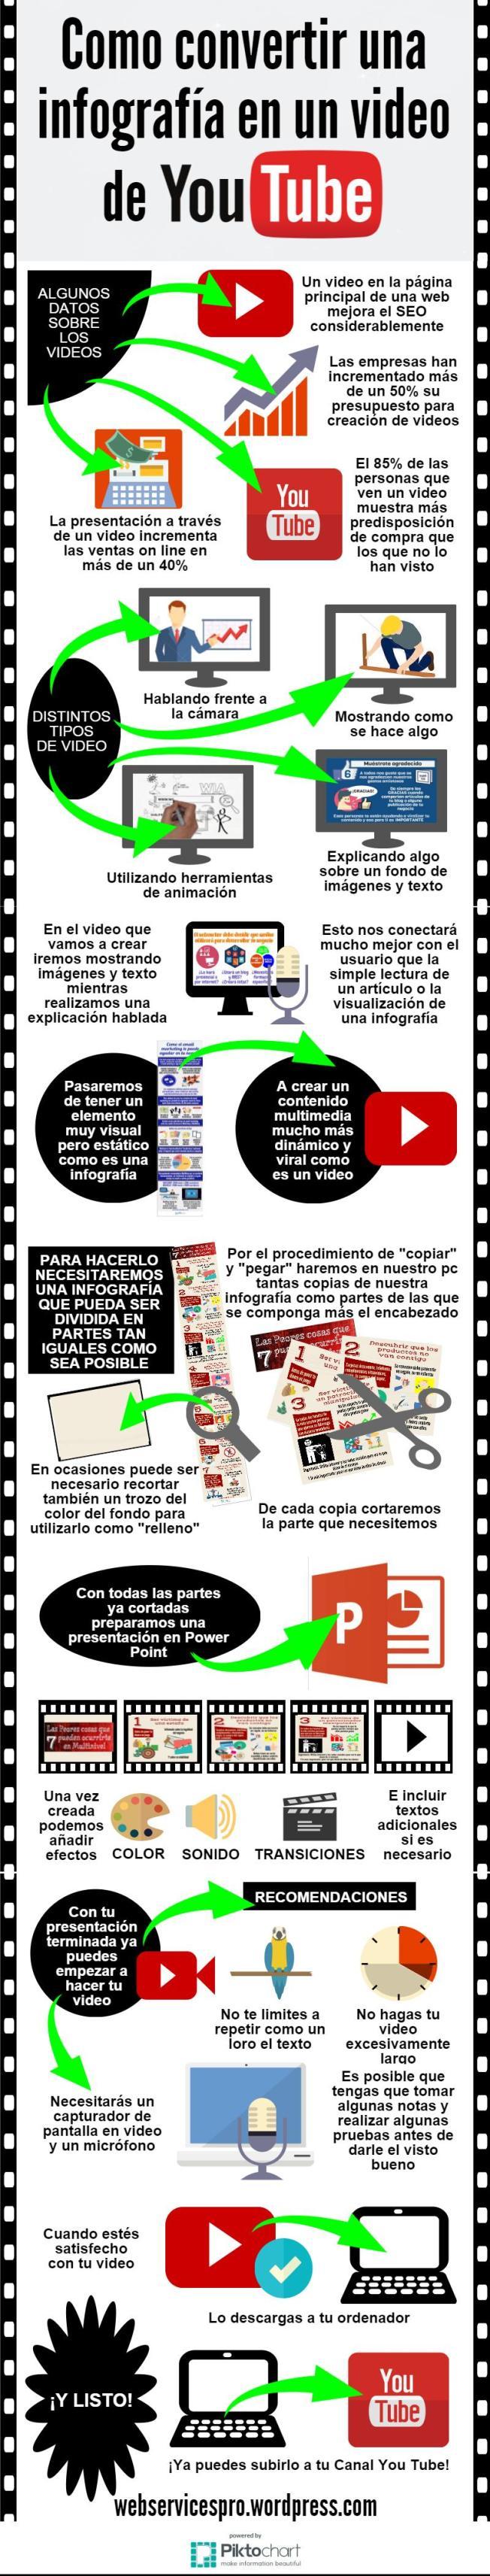 Cómo convertir una infografía en un vídeo de YouTube